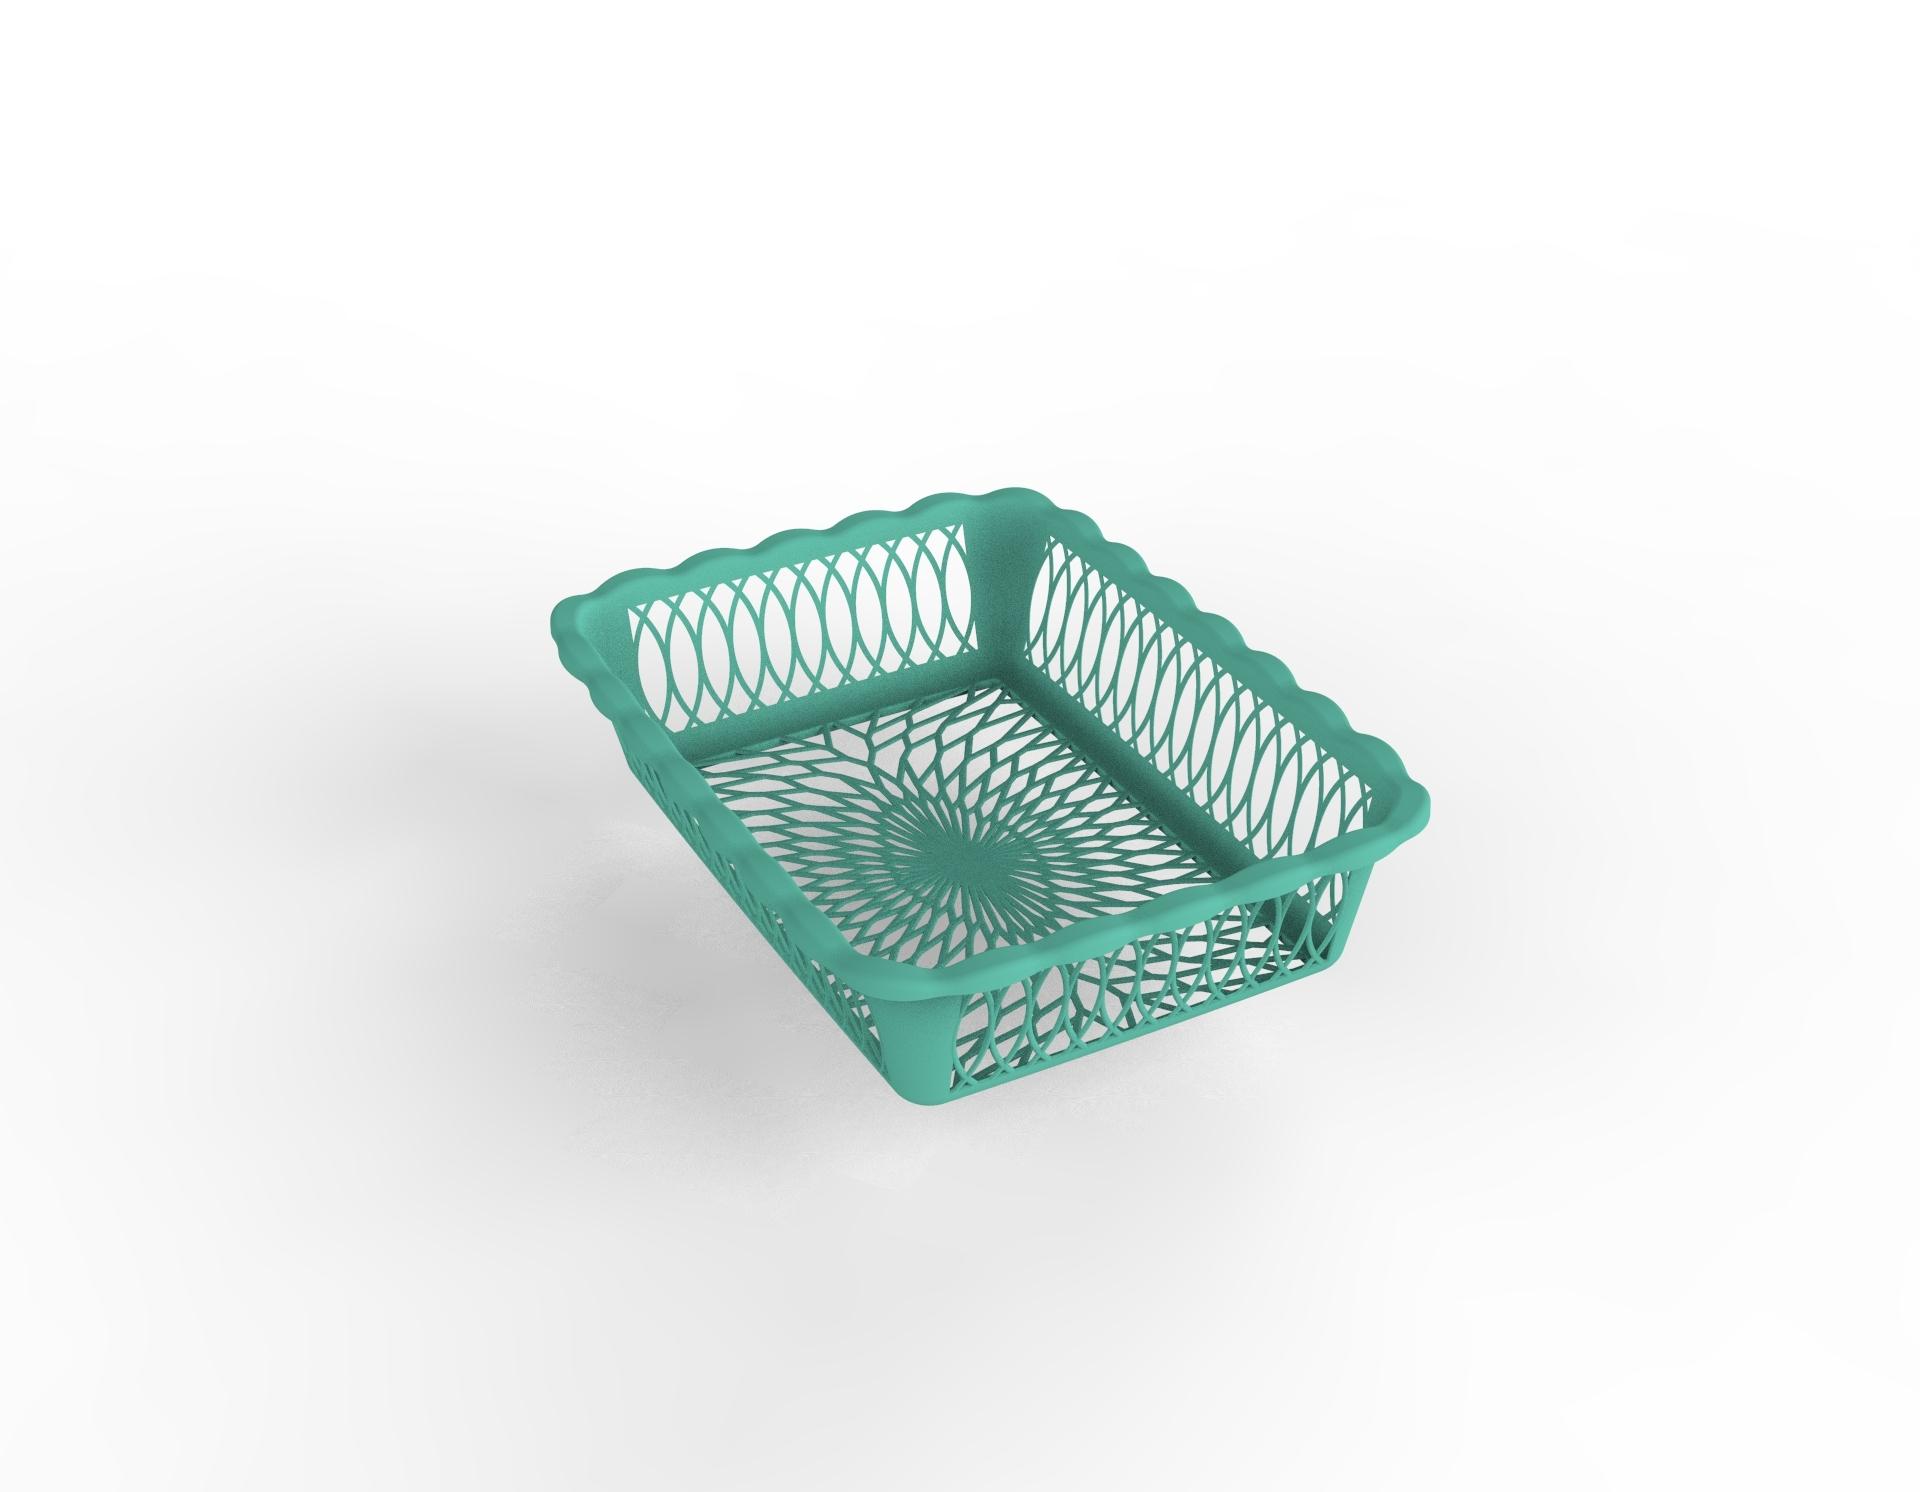 Washing Basket Plastic Mold